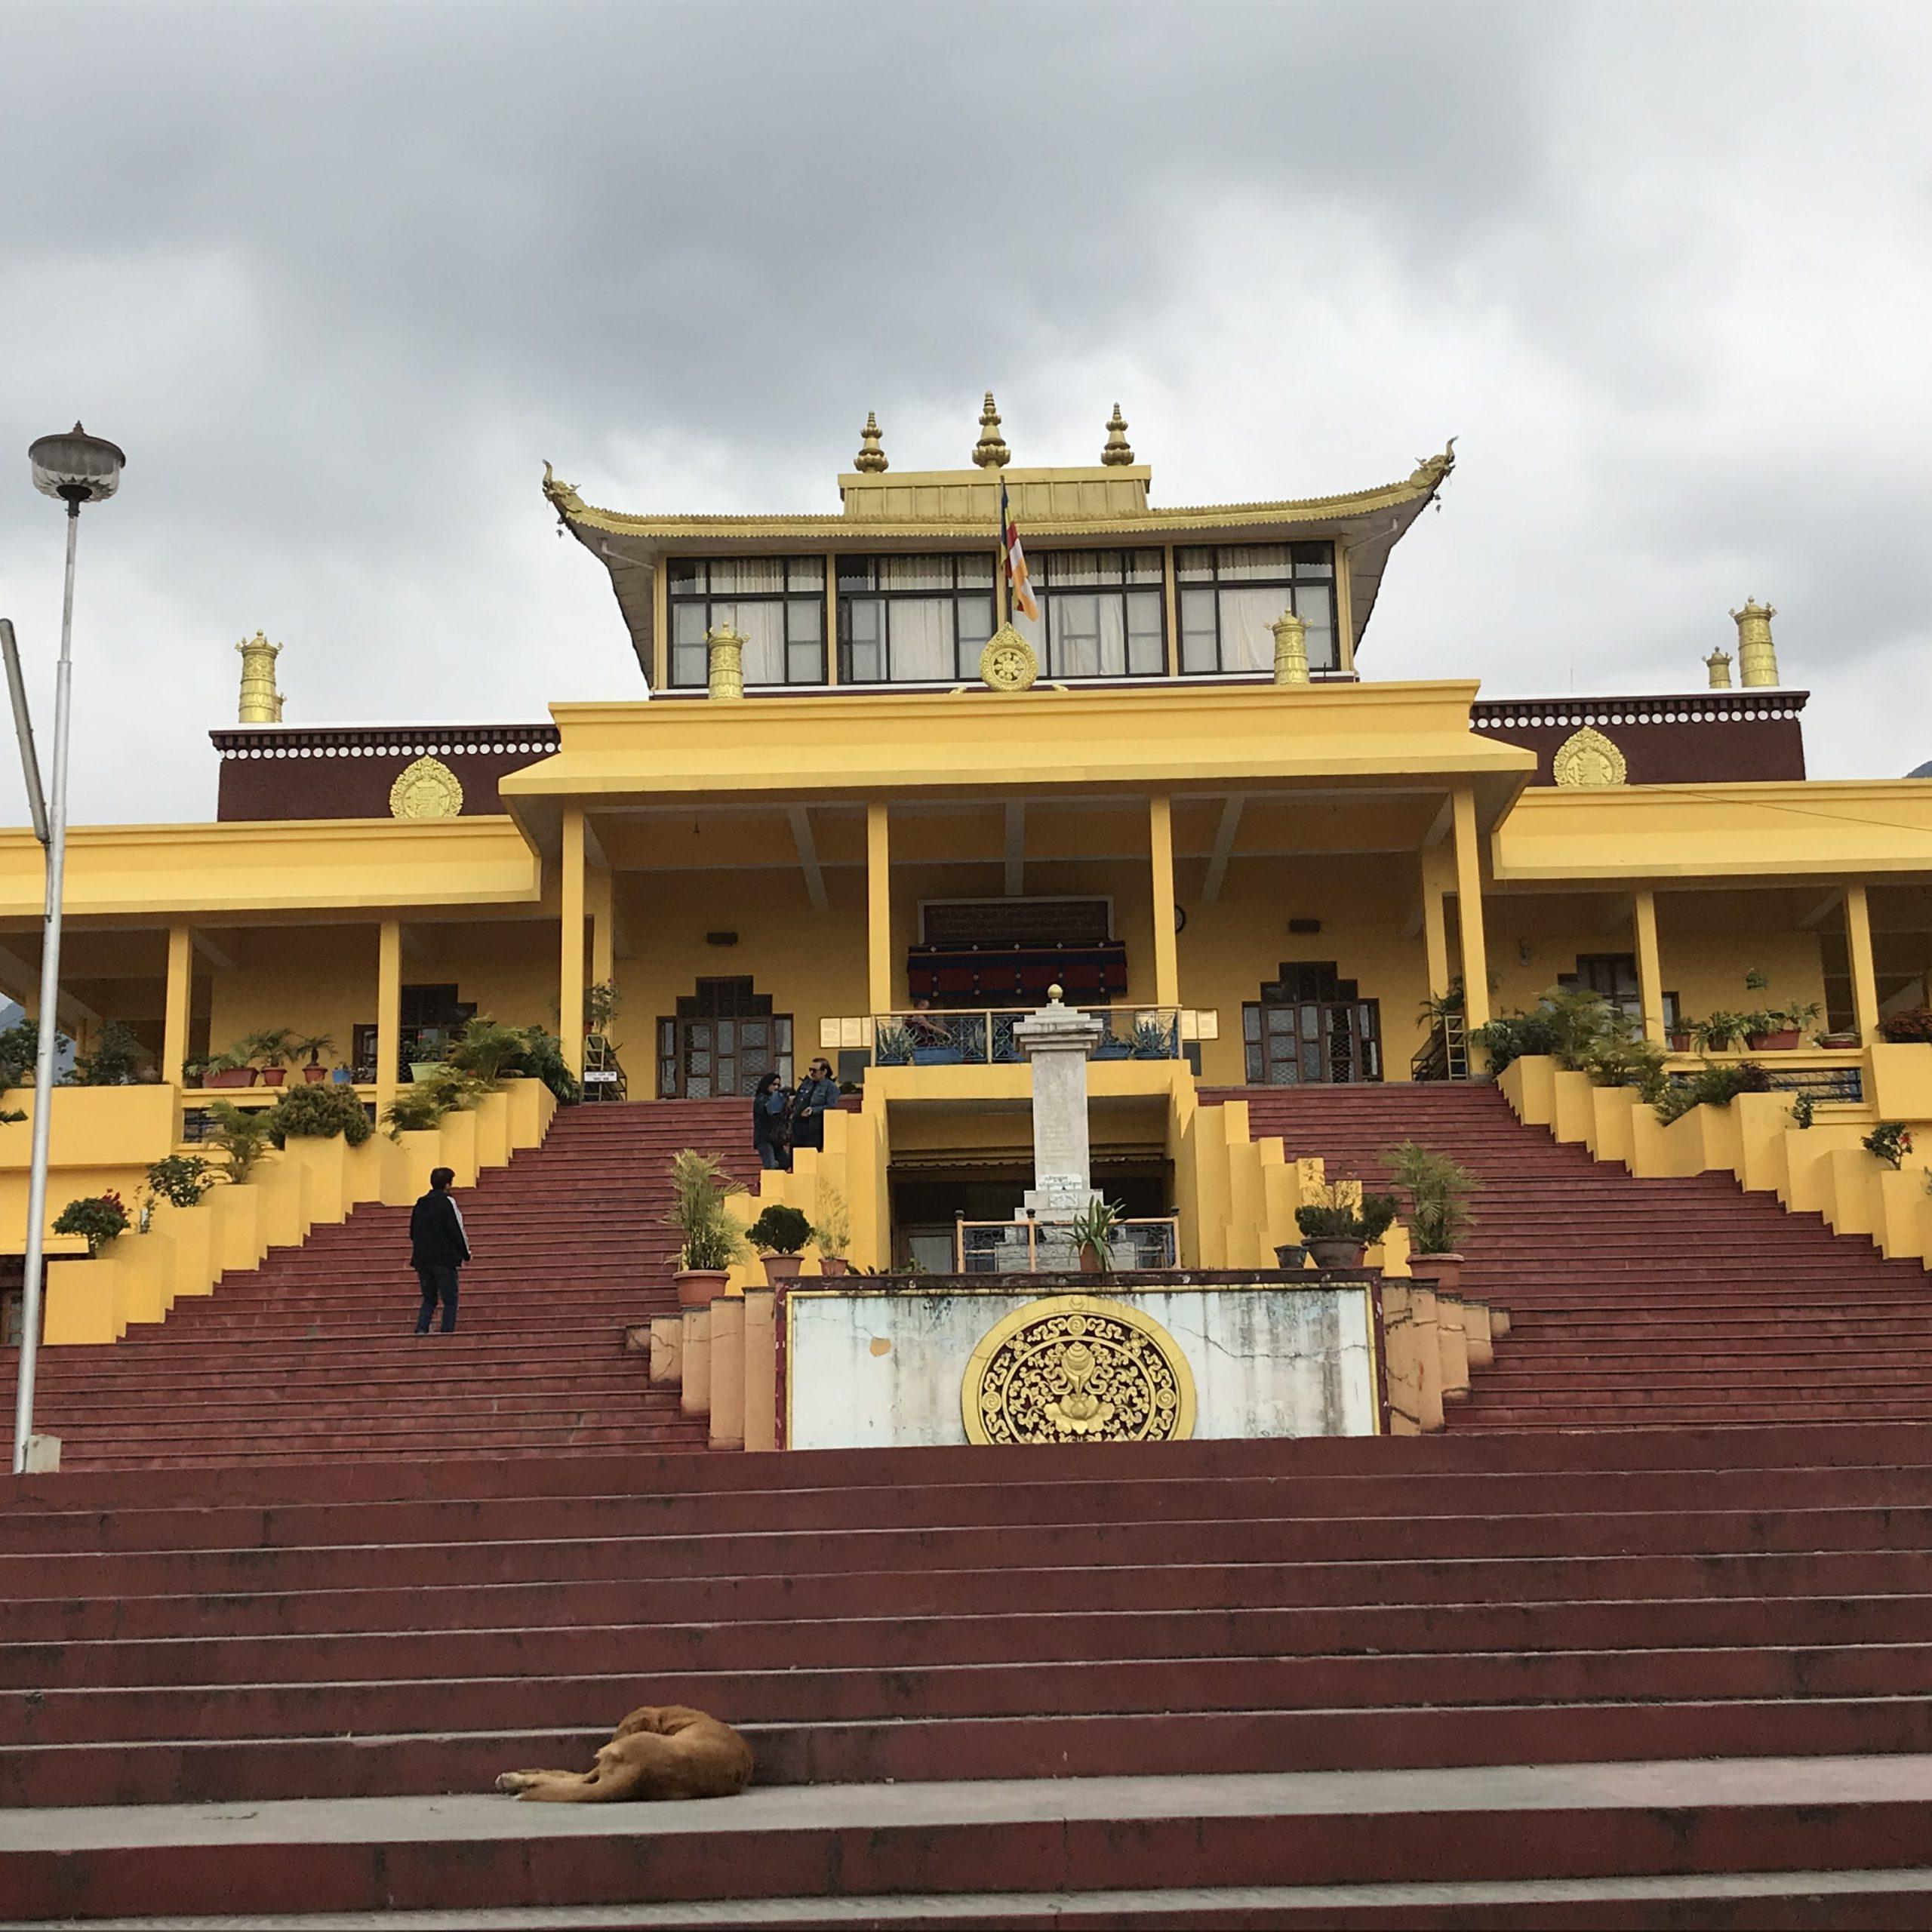 Day 02: Dharamsala: Home to Dalai Lama